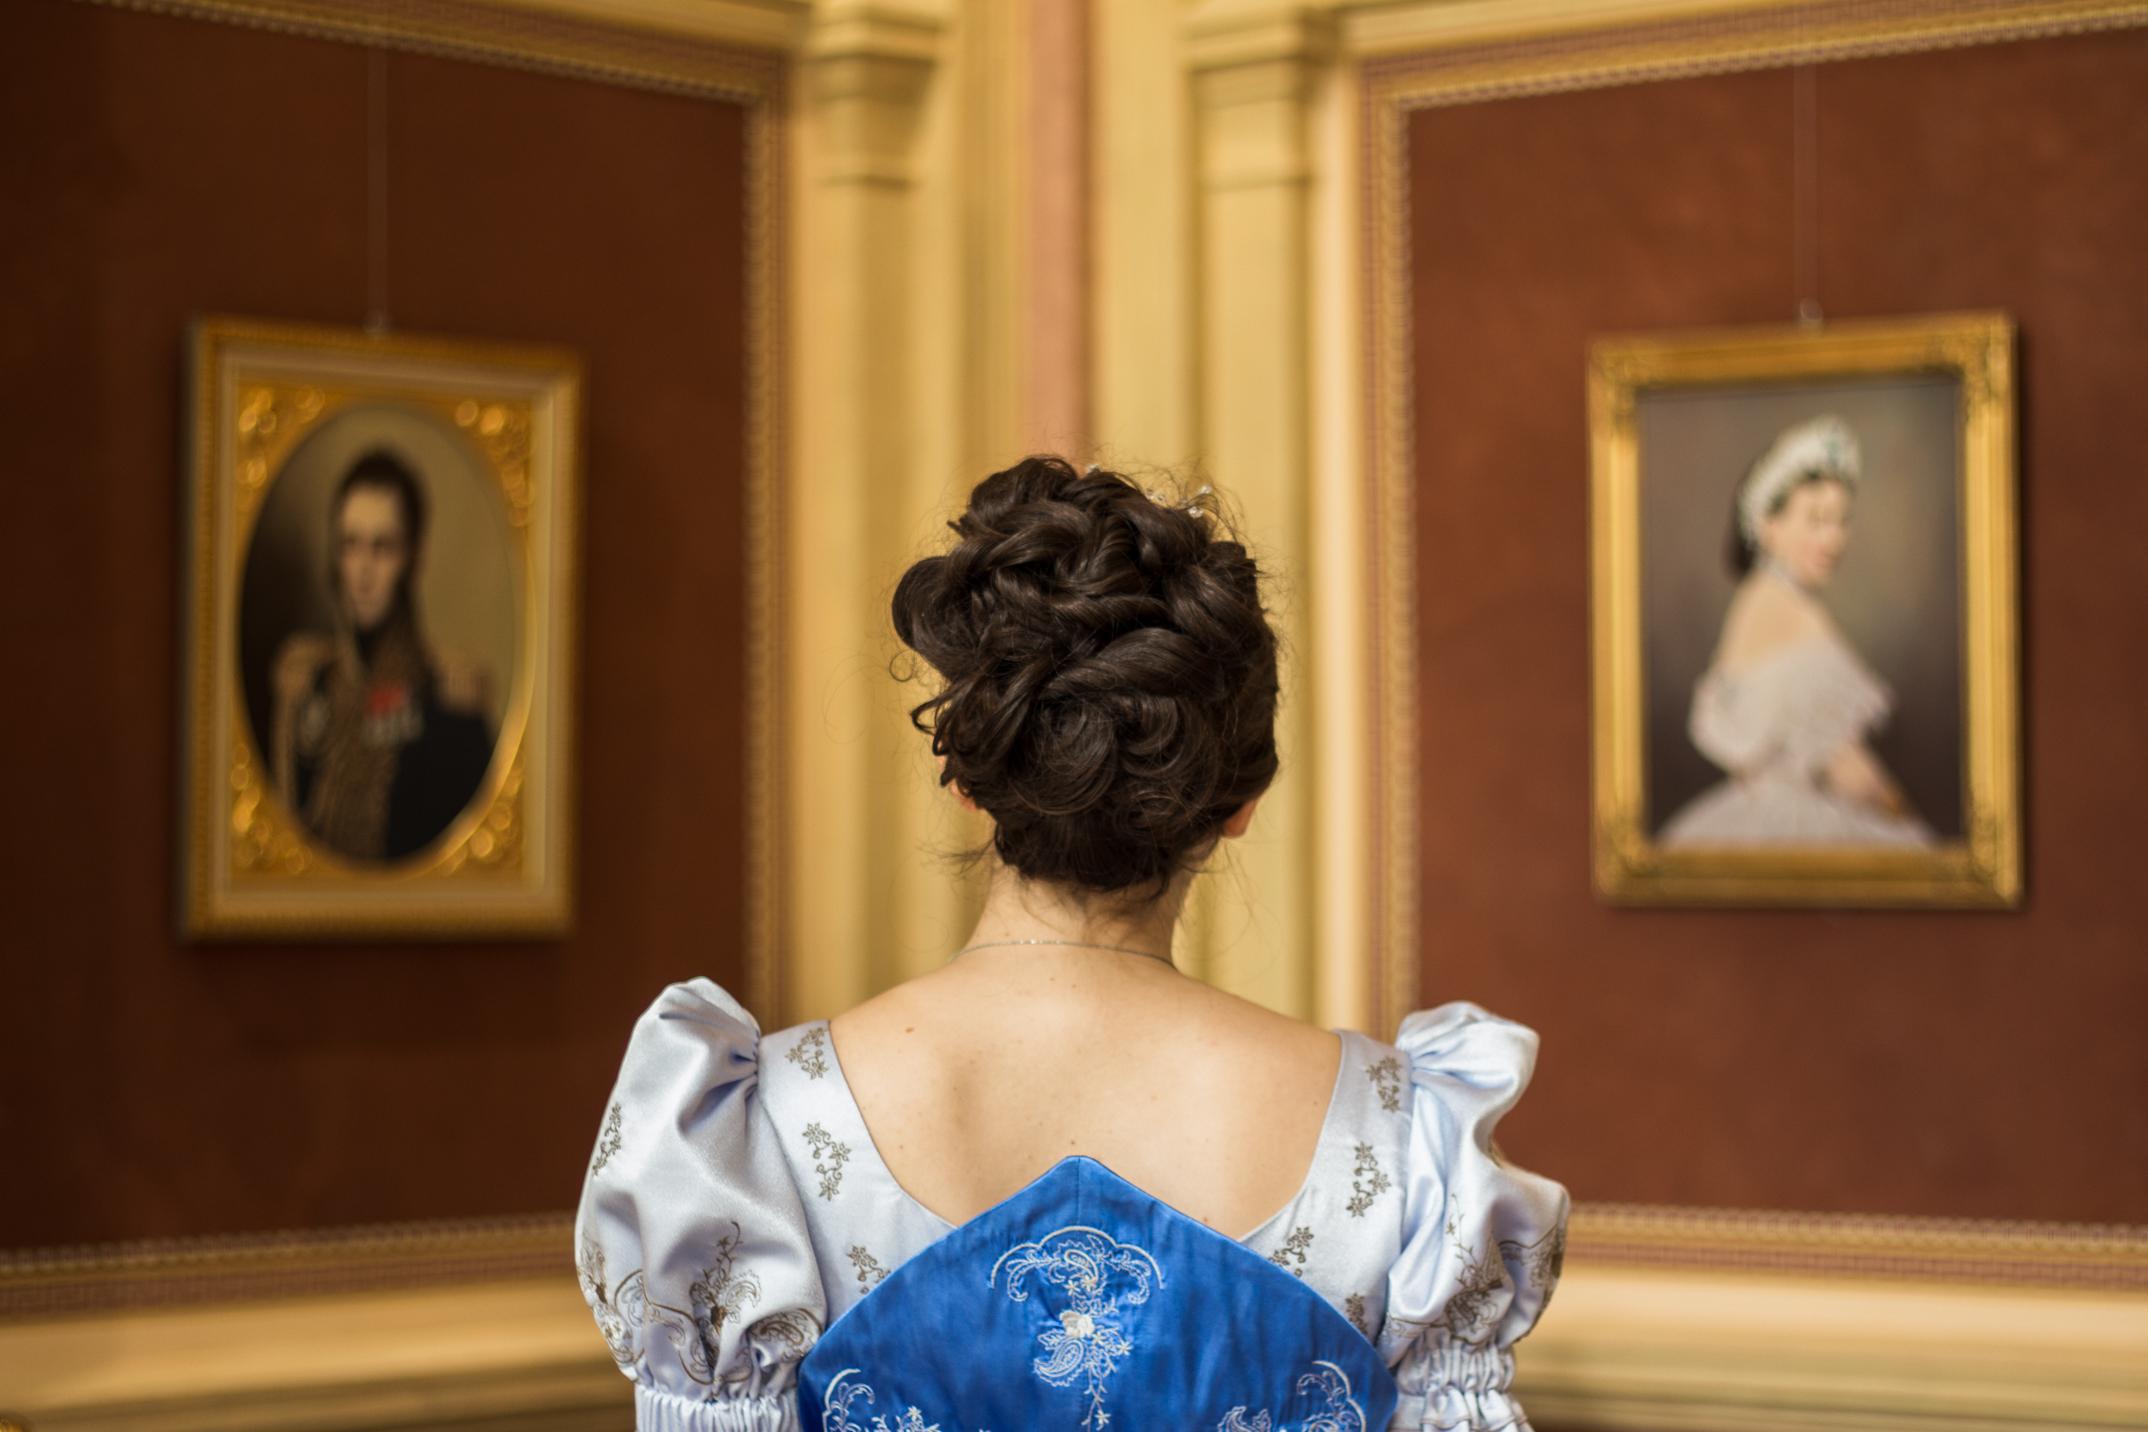 Przewodniczka w stroju historycznym ogląda ekspozycje w Oranżerii.